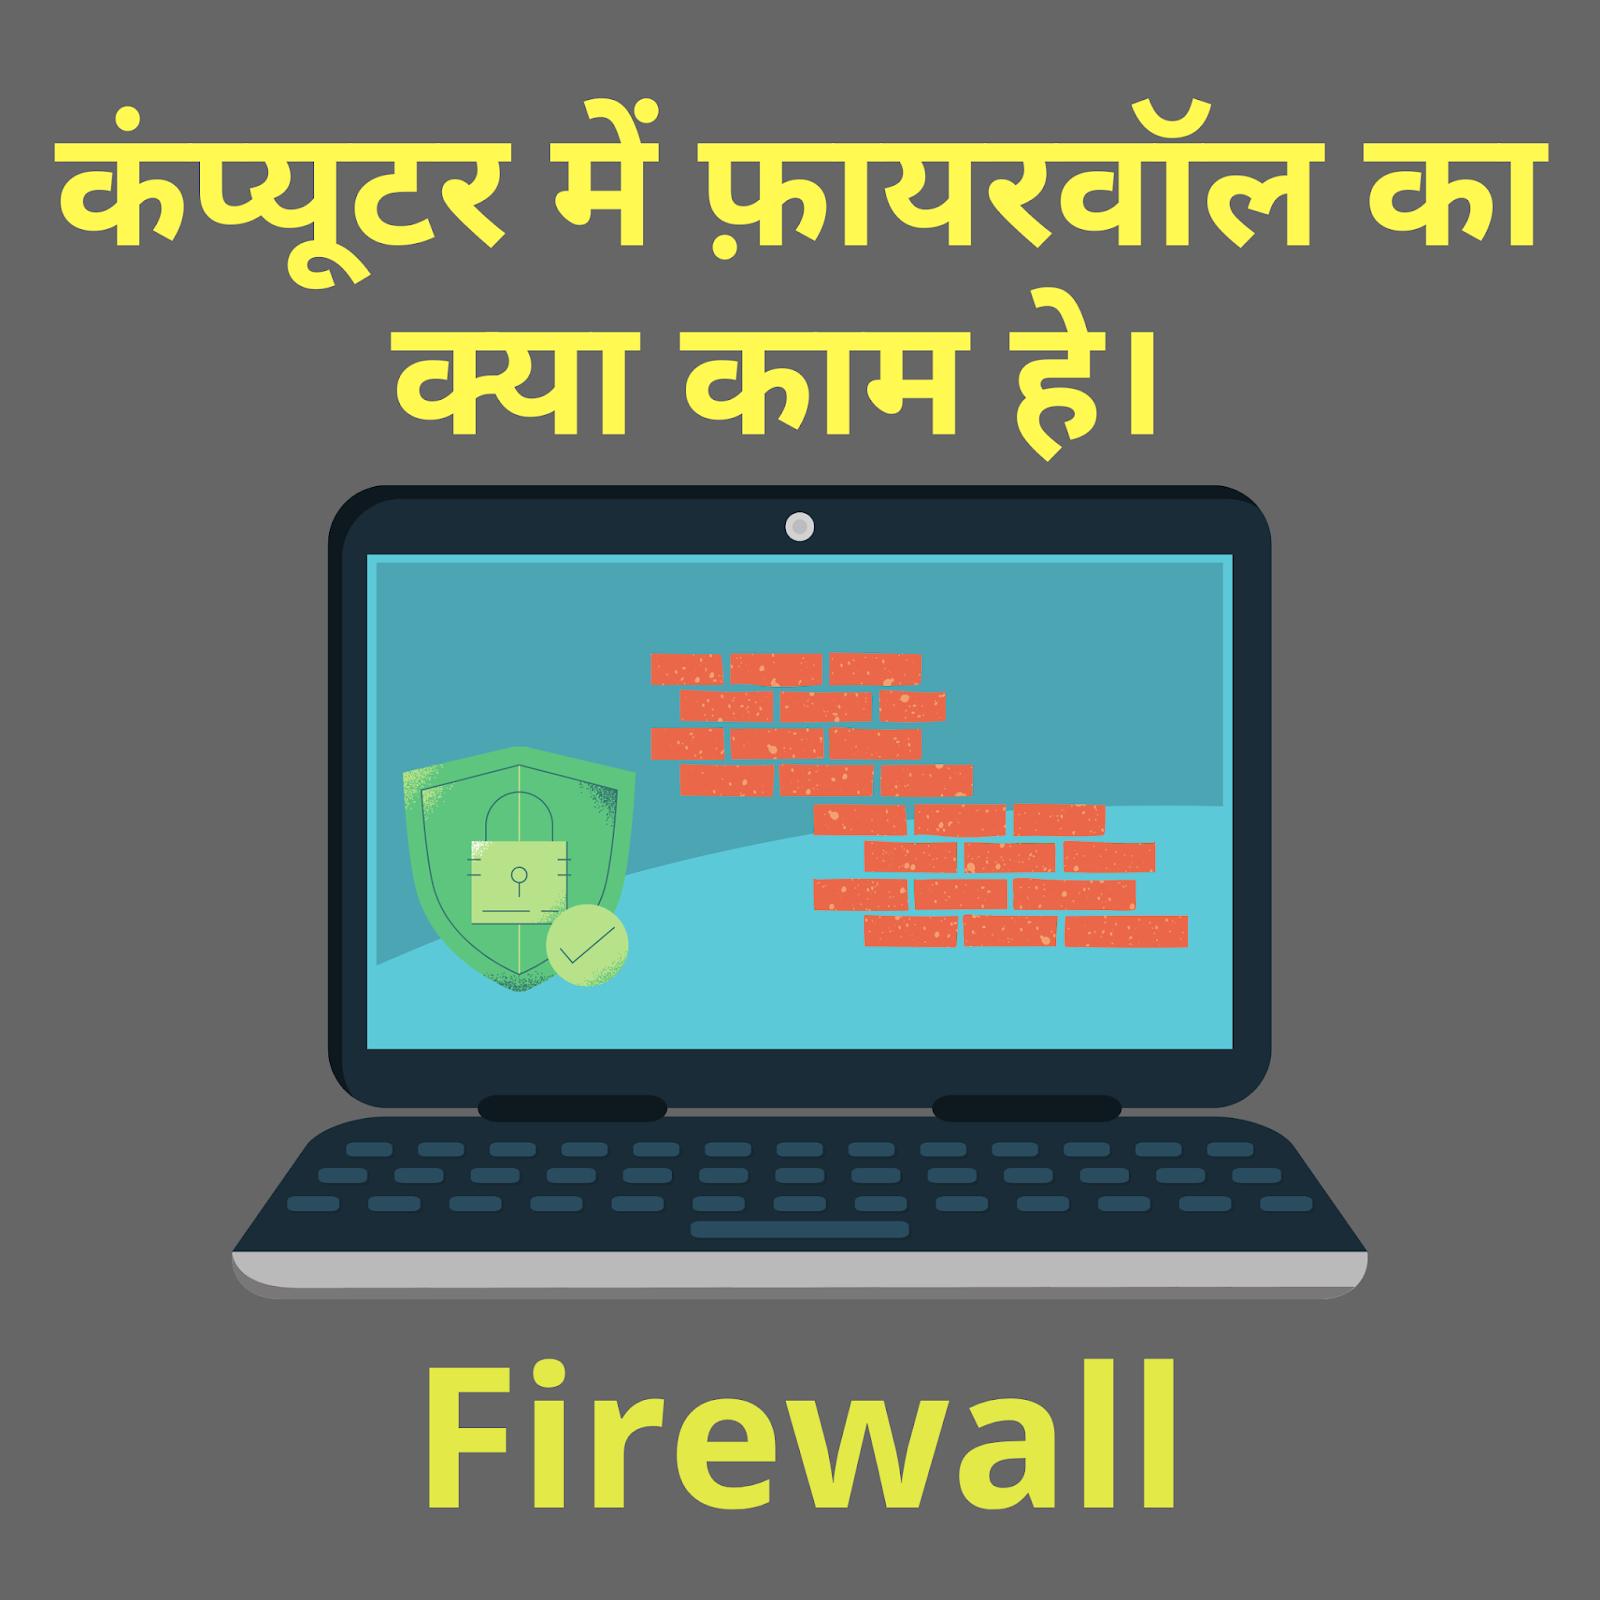 कंप्यूटर में फ़ायरवॉल का क्या काम हे what is importance of firewall in computer